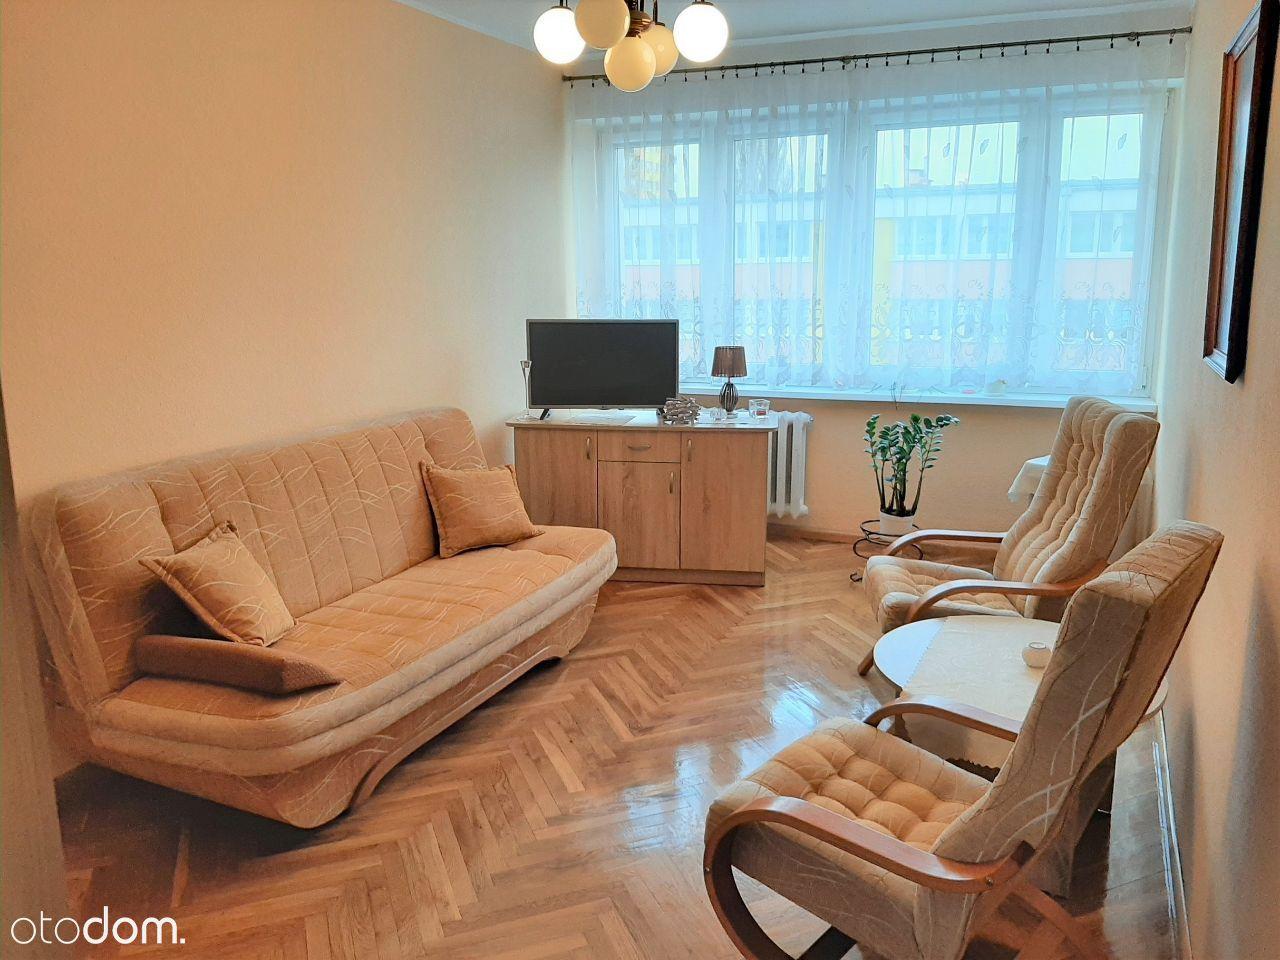 SPRZEDAM mieszkanie 42,16 m2 KONIN 11 Listopada